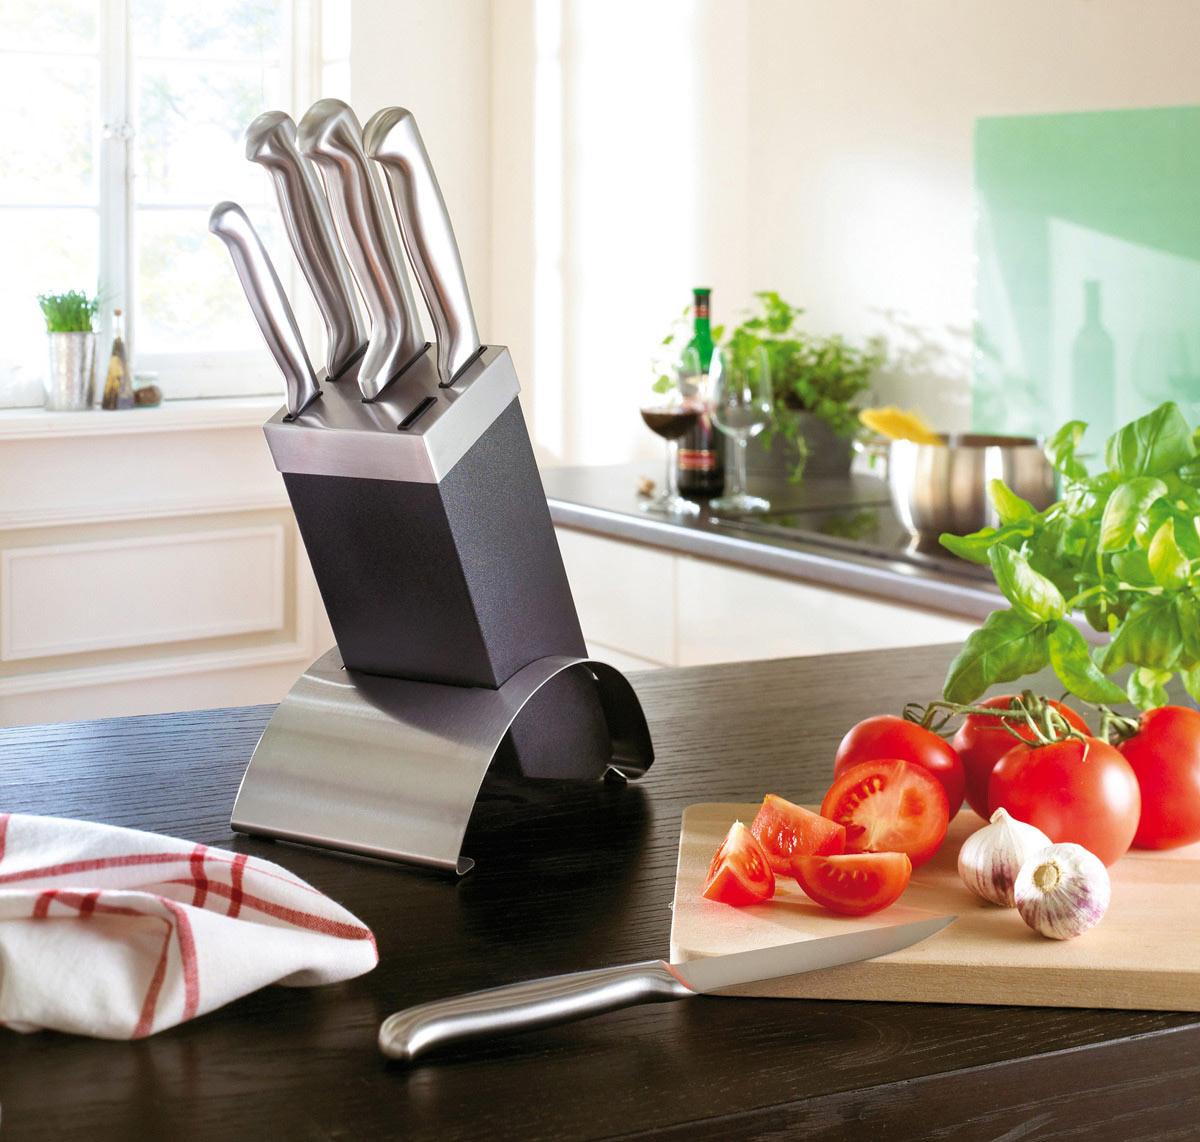 Set couteaux de cuisine publicitaires les couteaux de for Support couteaux cuisine